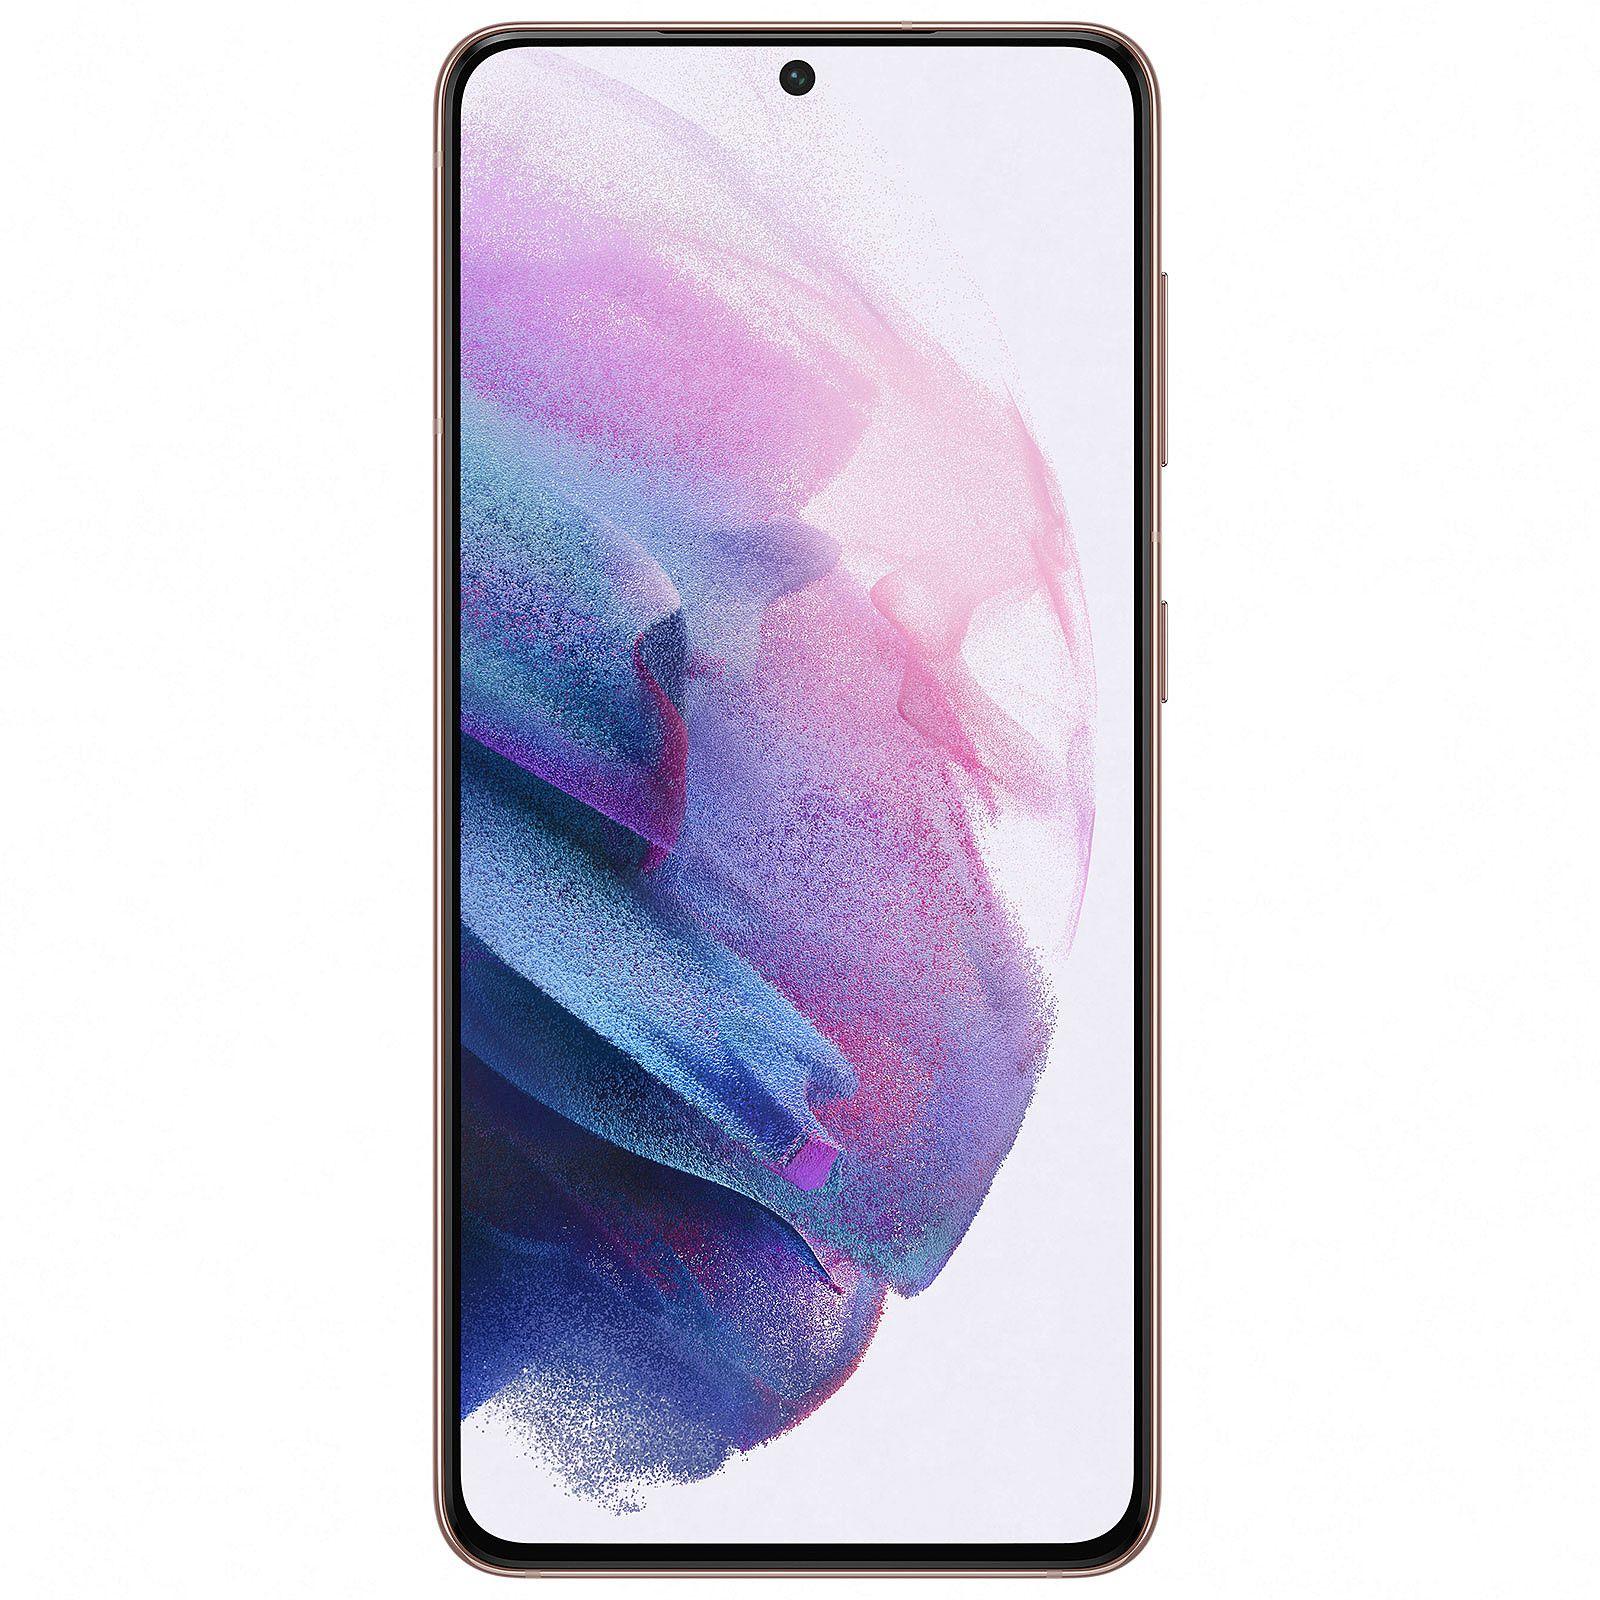 Samsung Galaxy S21 128/8GB (Snapdragon 888, 120Hz Amoled Display, 1300 Nits, 4000mAh Akku, 64MP Triple Kamera, IP68 Zertifiziert, 171 Gramm)